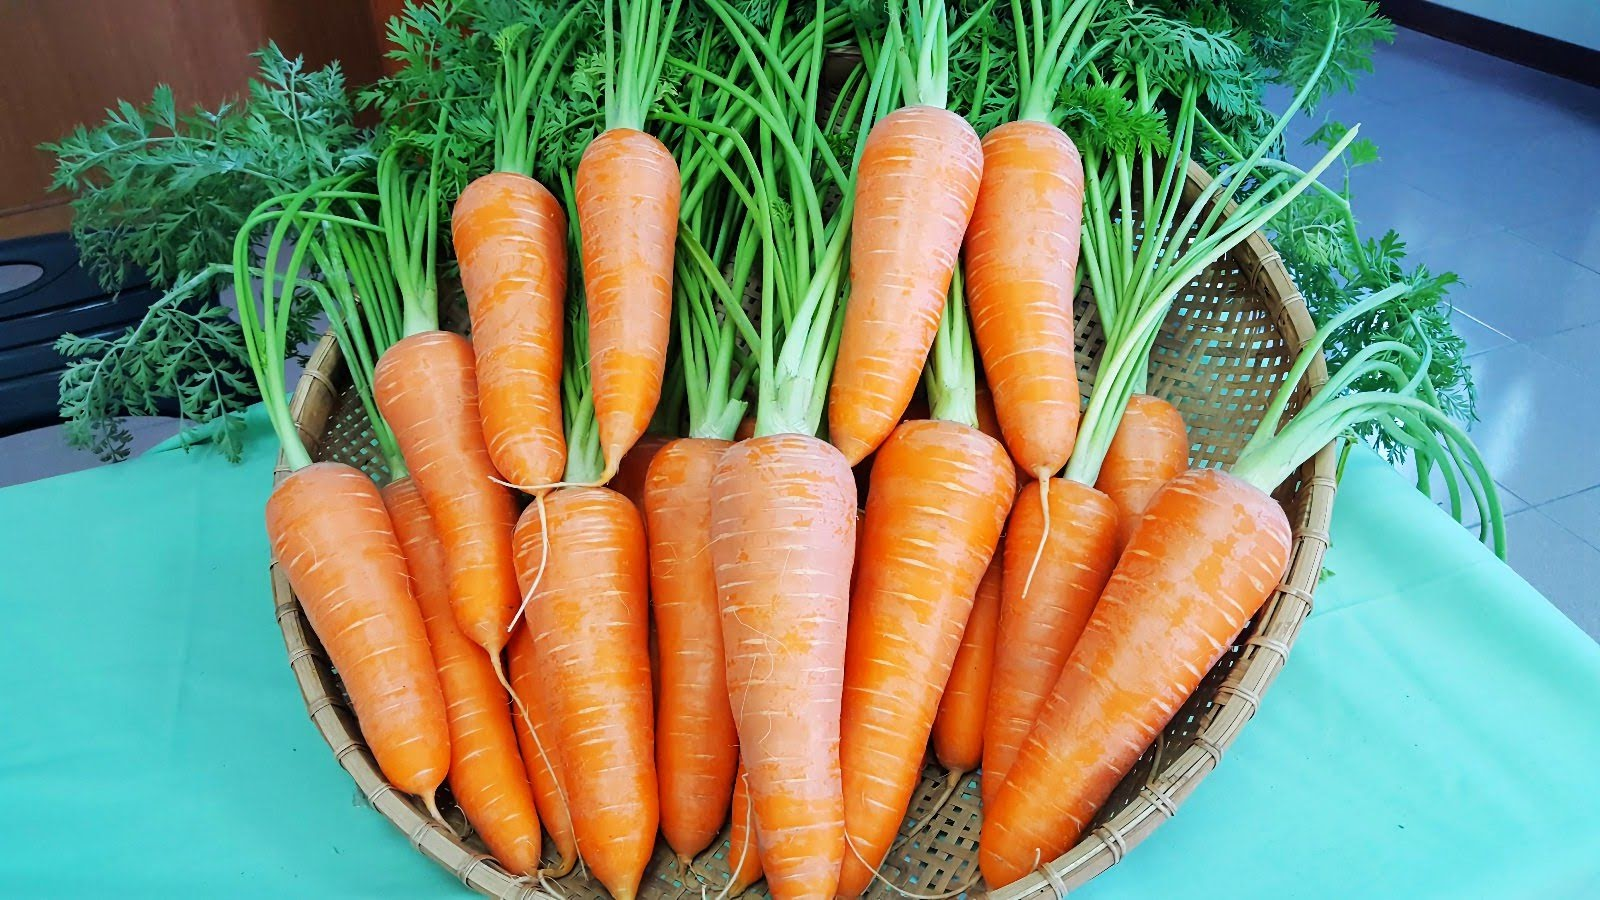 [活動] 2020紅將軍胡蘿蔔節2/16一起拔蘿蔔|業產業文化活動